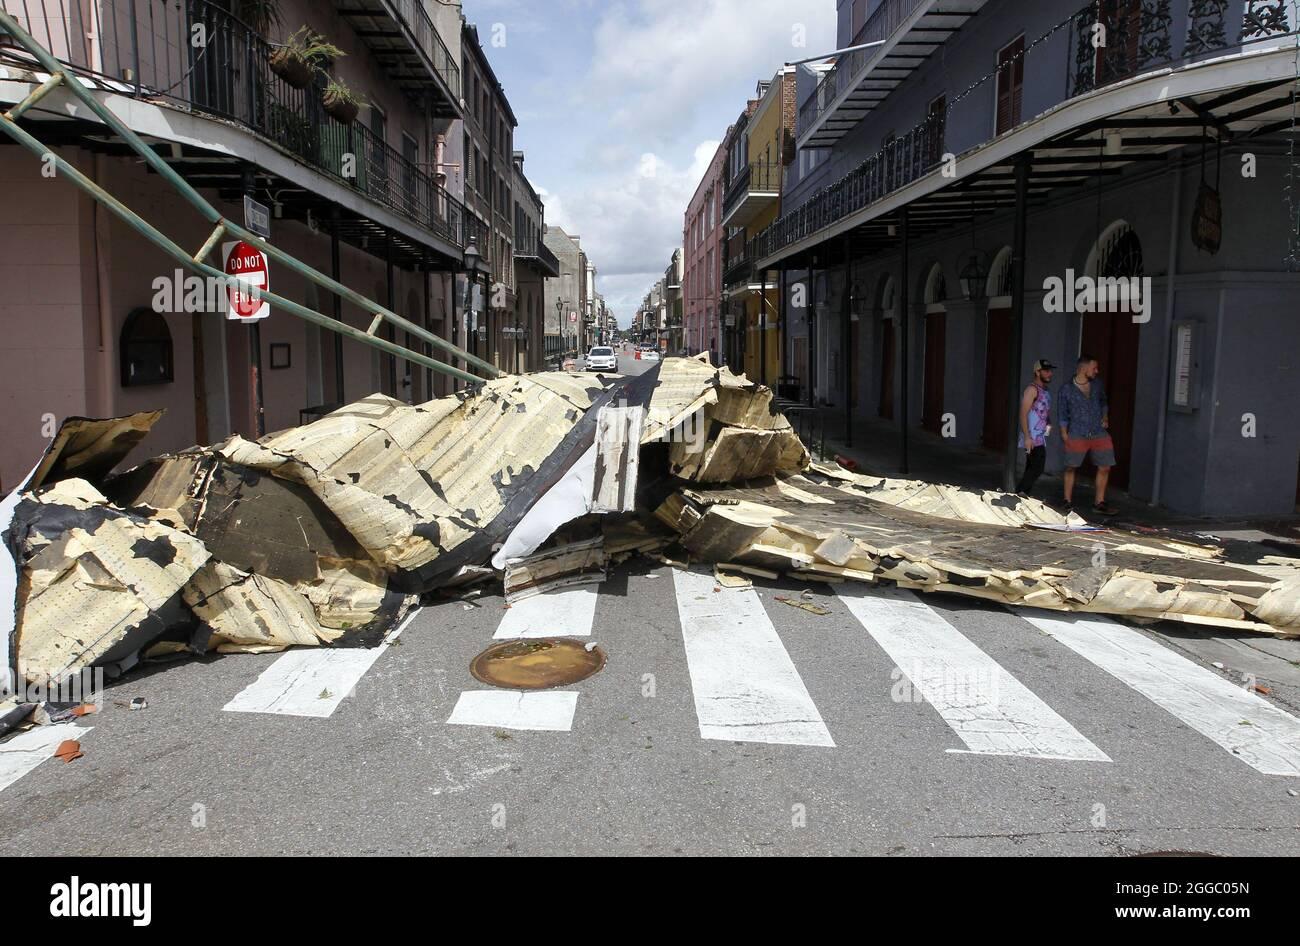 New Orleans, Stati Uniti. 30 ago 2021. Il tetto della vicina costruzione nella strada nel quartiere francese di New Orleans, dopo l'uragano Ida lunedì 30 agosto 2021. Il potere fu tagliato mentre l'uragano si schiantò attraverso la città il 29 agosto, ma i levei si tennero. Foto di AJ Sisco/UPI Credit: UPI/Alamy Live News Foto Stock